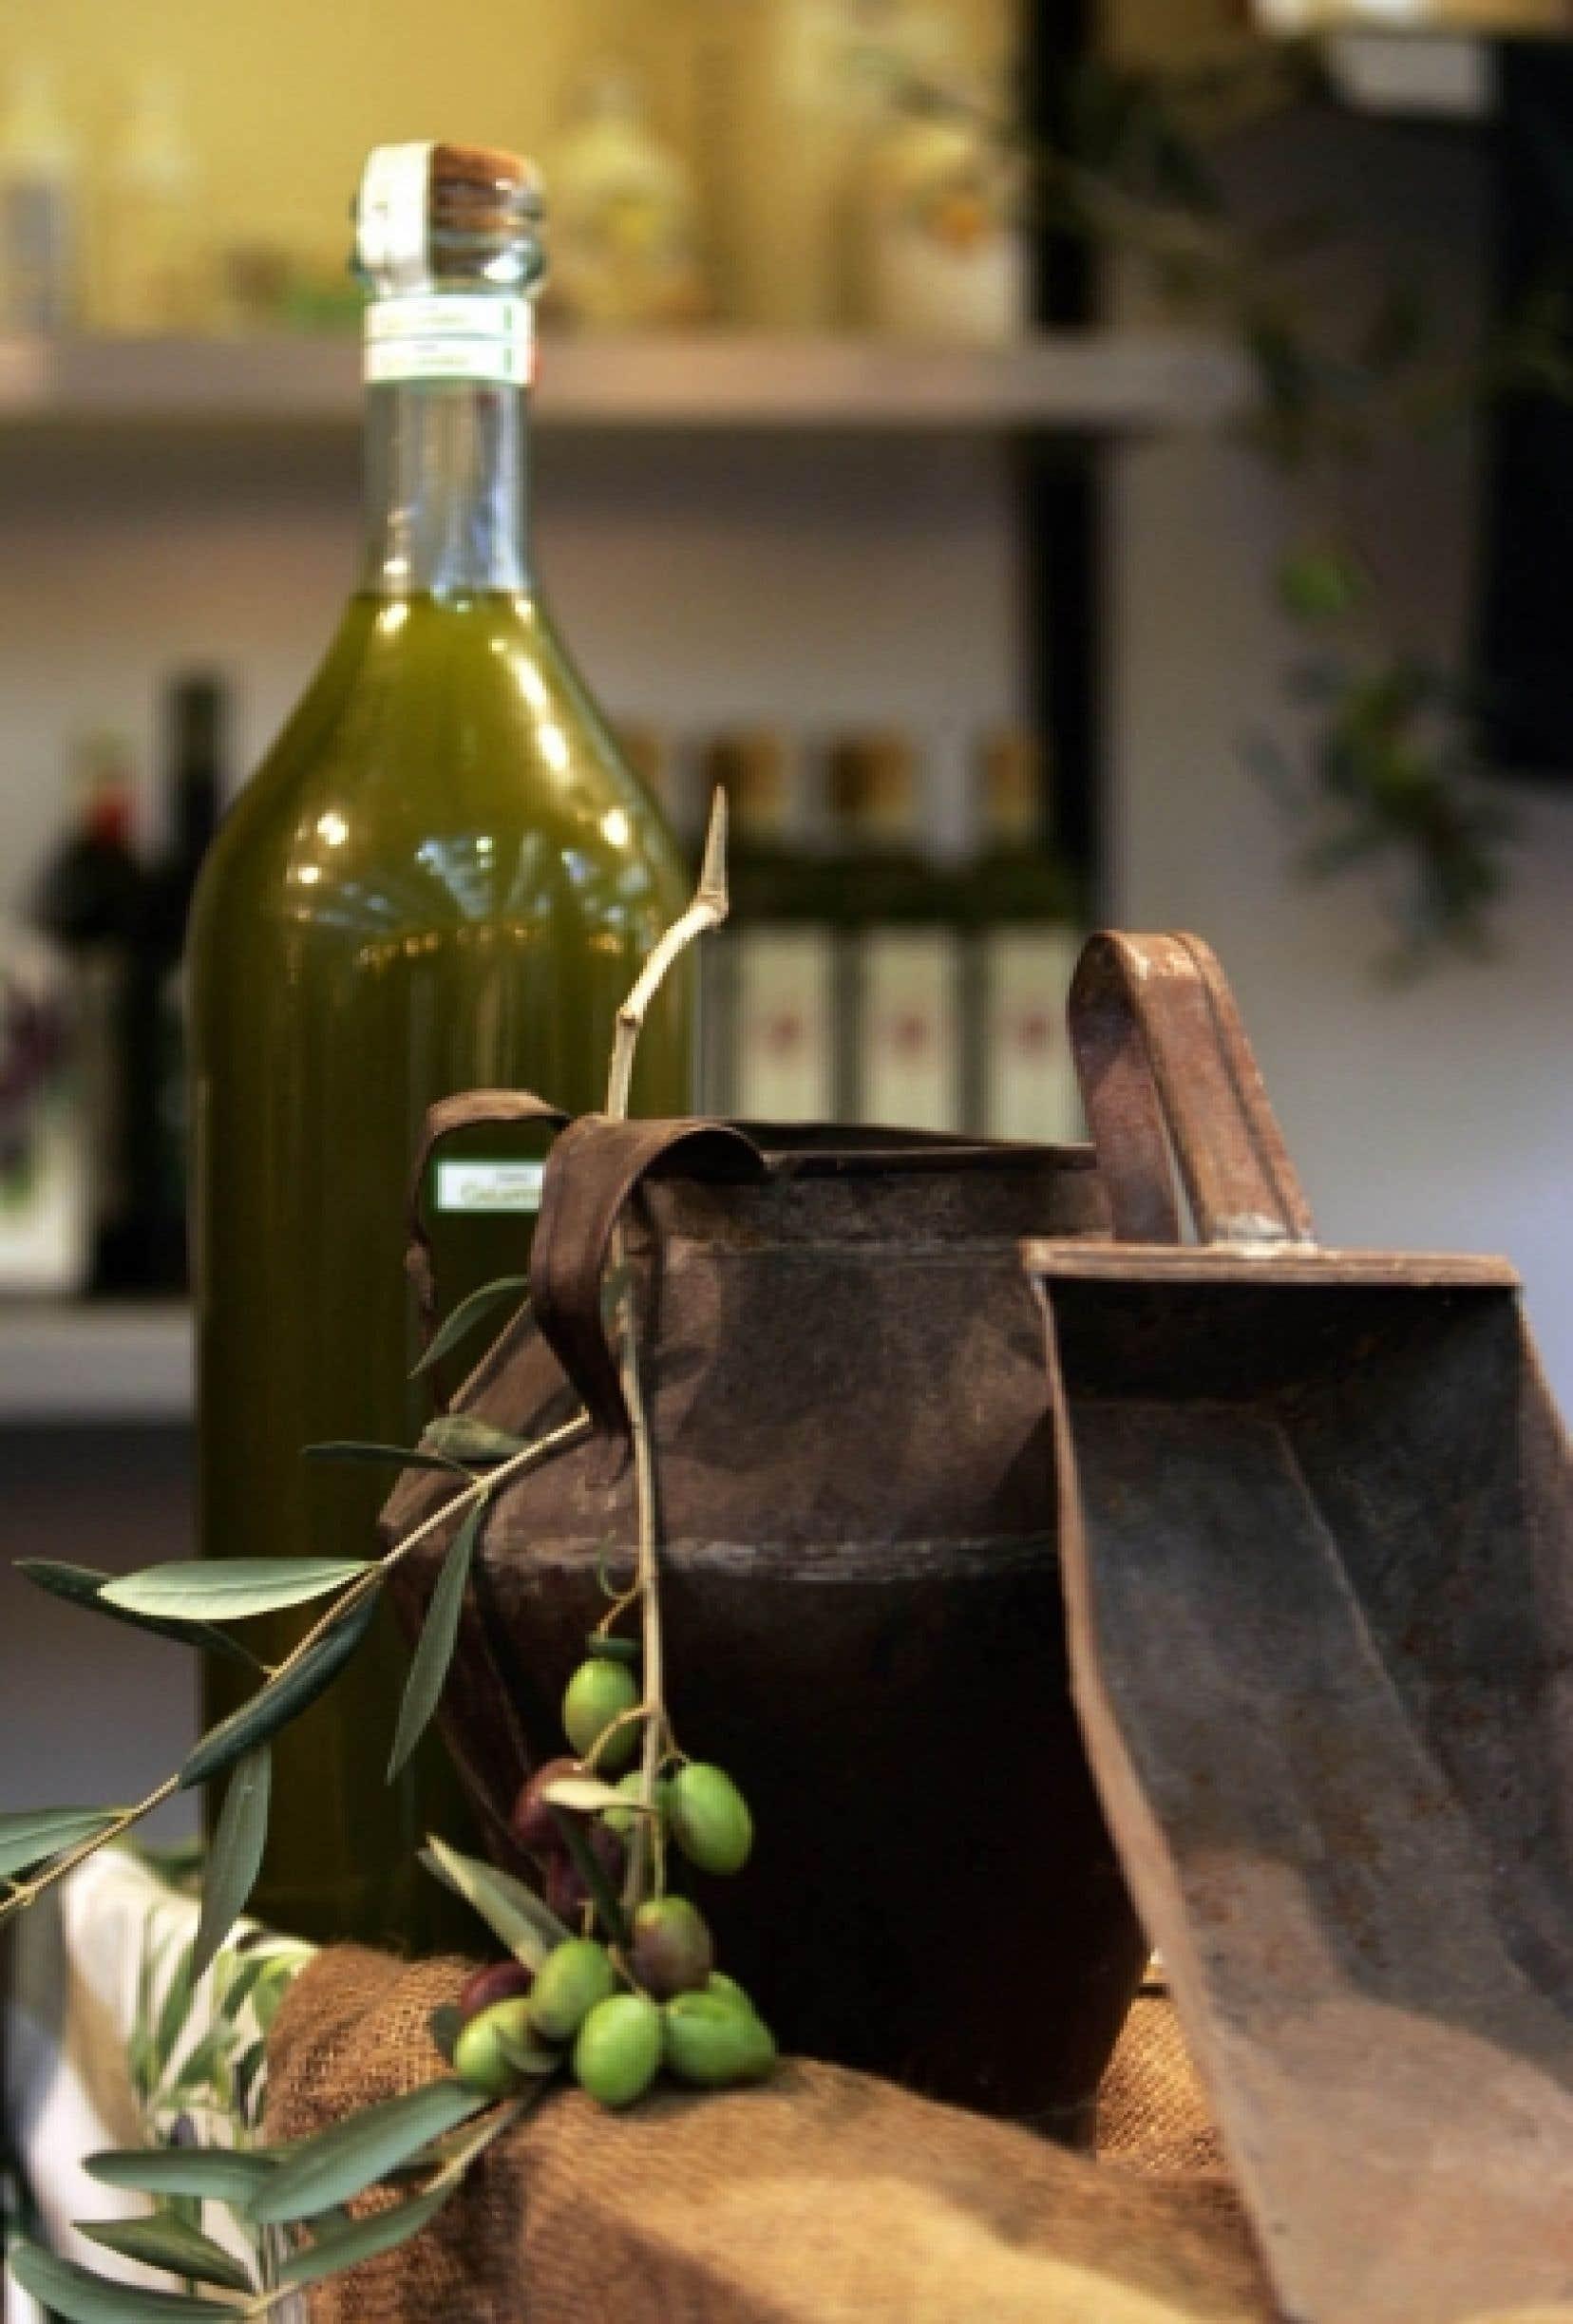 Les plus vieux écrits montrent comment on utilisait l'huile obtenue du pressage des olives pour s'éclairer ou se chauffer. Plus tard, on appréciera les vertus thérapeutiques de l'huile d'olive dans les bains romains et pour les massages, avant de s'en servir comme l'huile de palme pour la confection de savons tels ceux d'Alep ou de Marseille.<br />